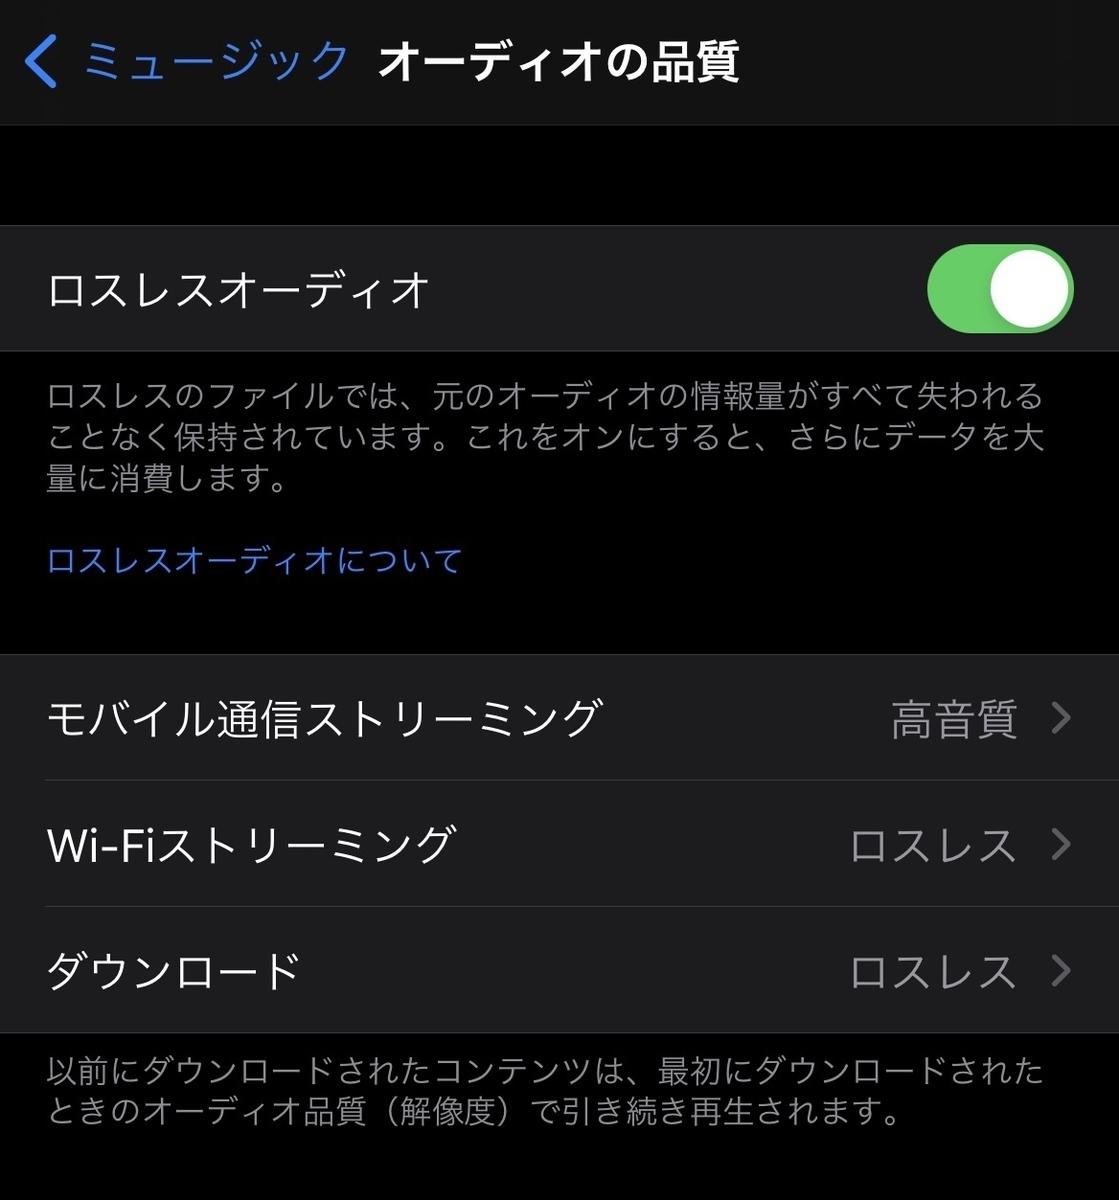 f:id:shigeohonda:20210620143639j:plain